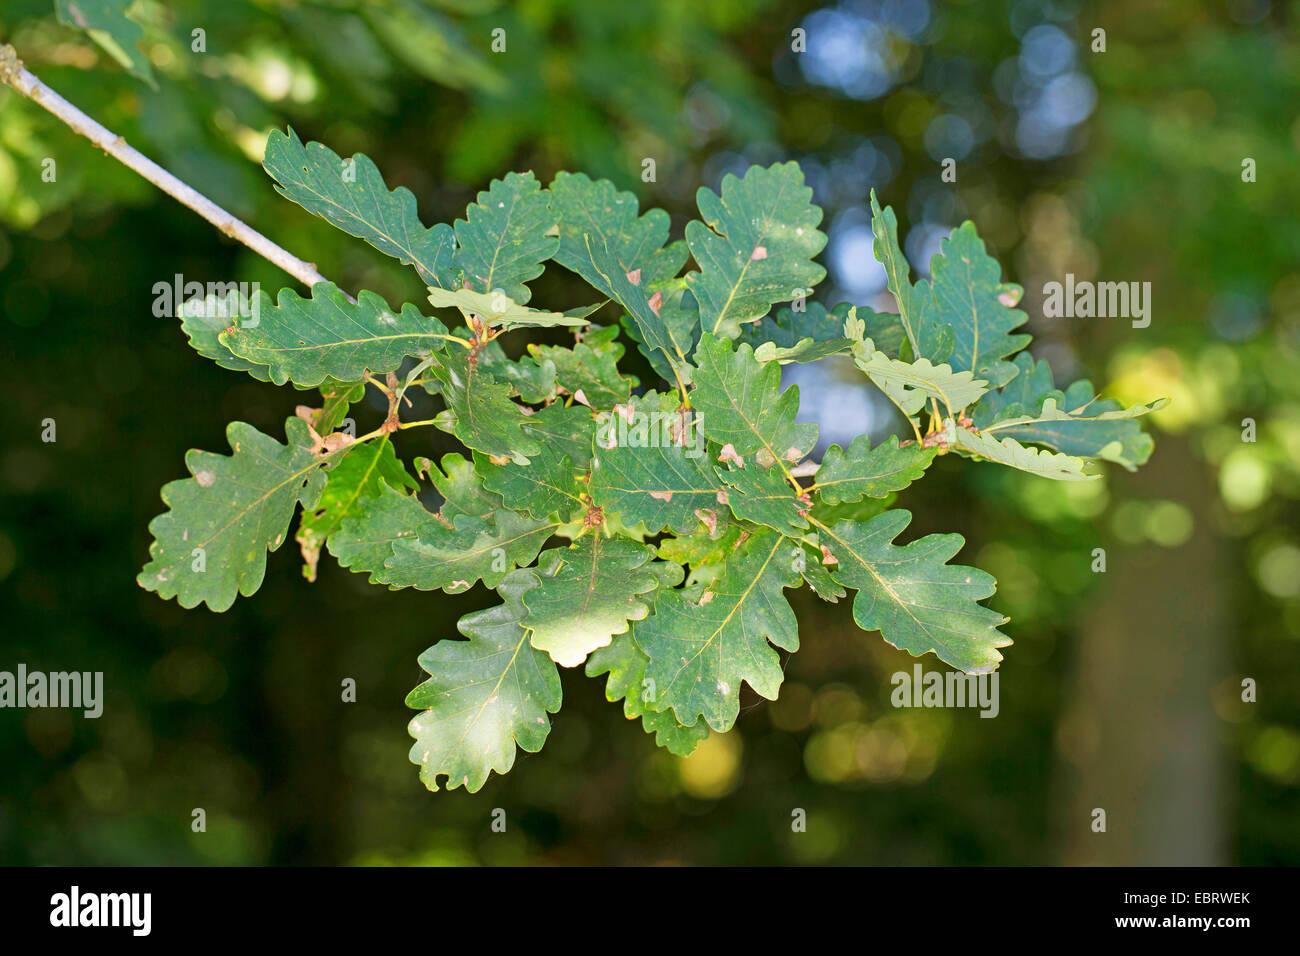 Sessile oak (Quercus petraea, Quercus sessilis, Quercus sessiliflora), branch - Stock Image